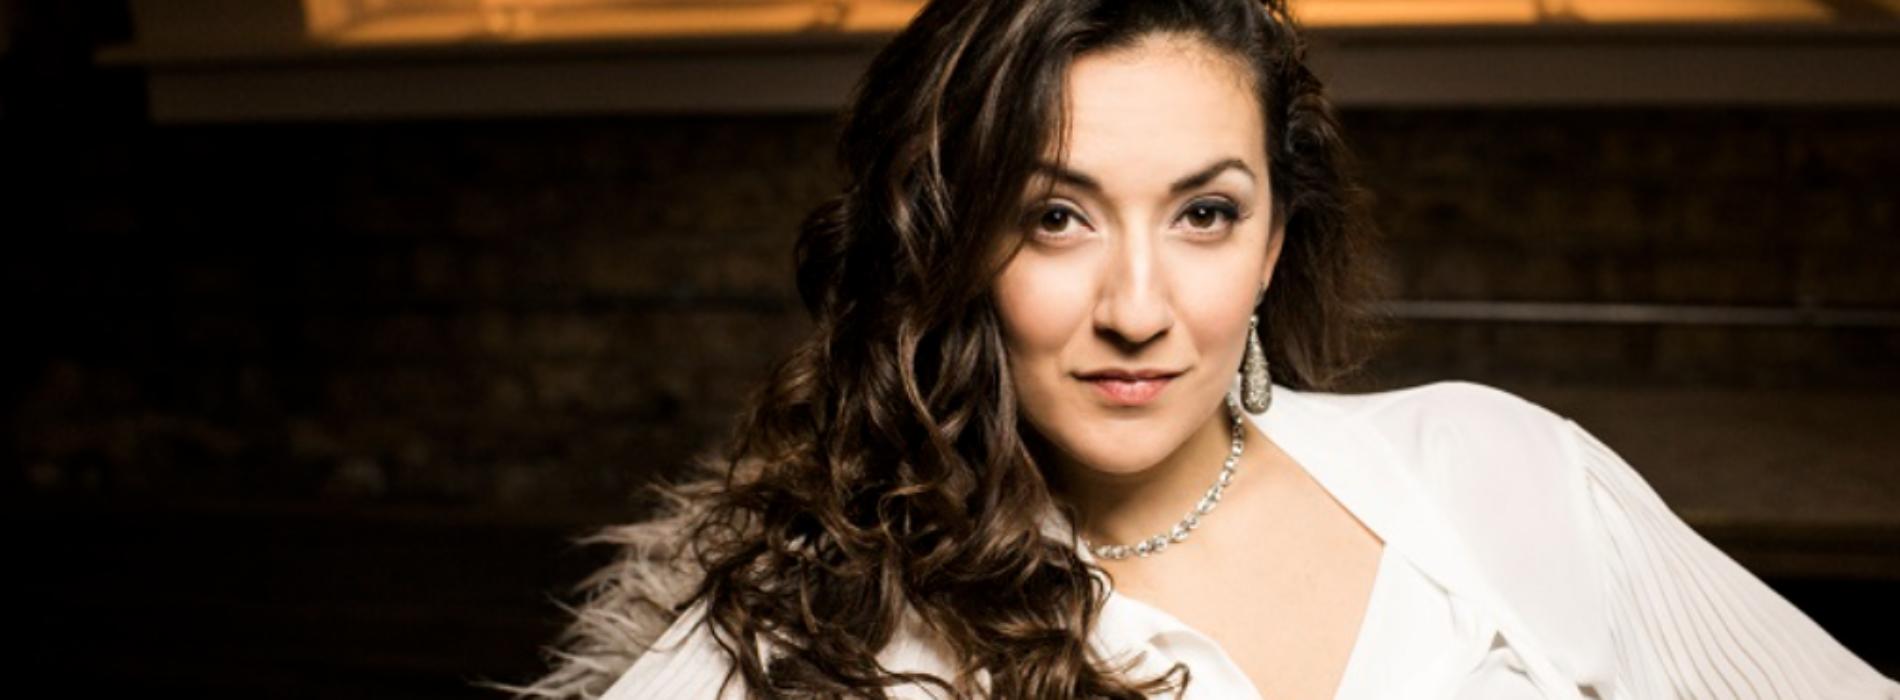 Signori, Rosa Feola! È il soprano casertano la prima della Scala